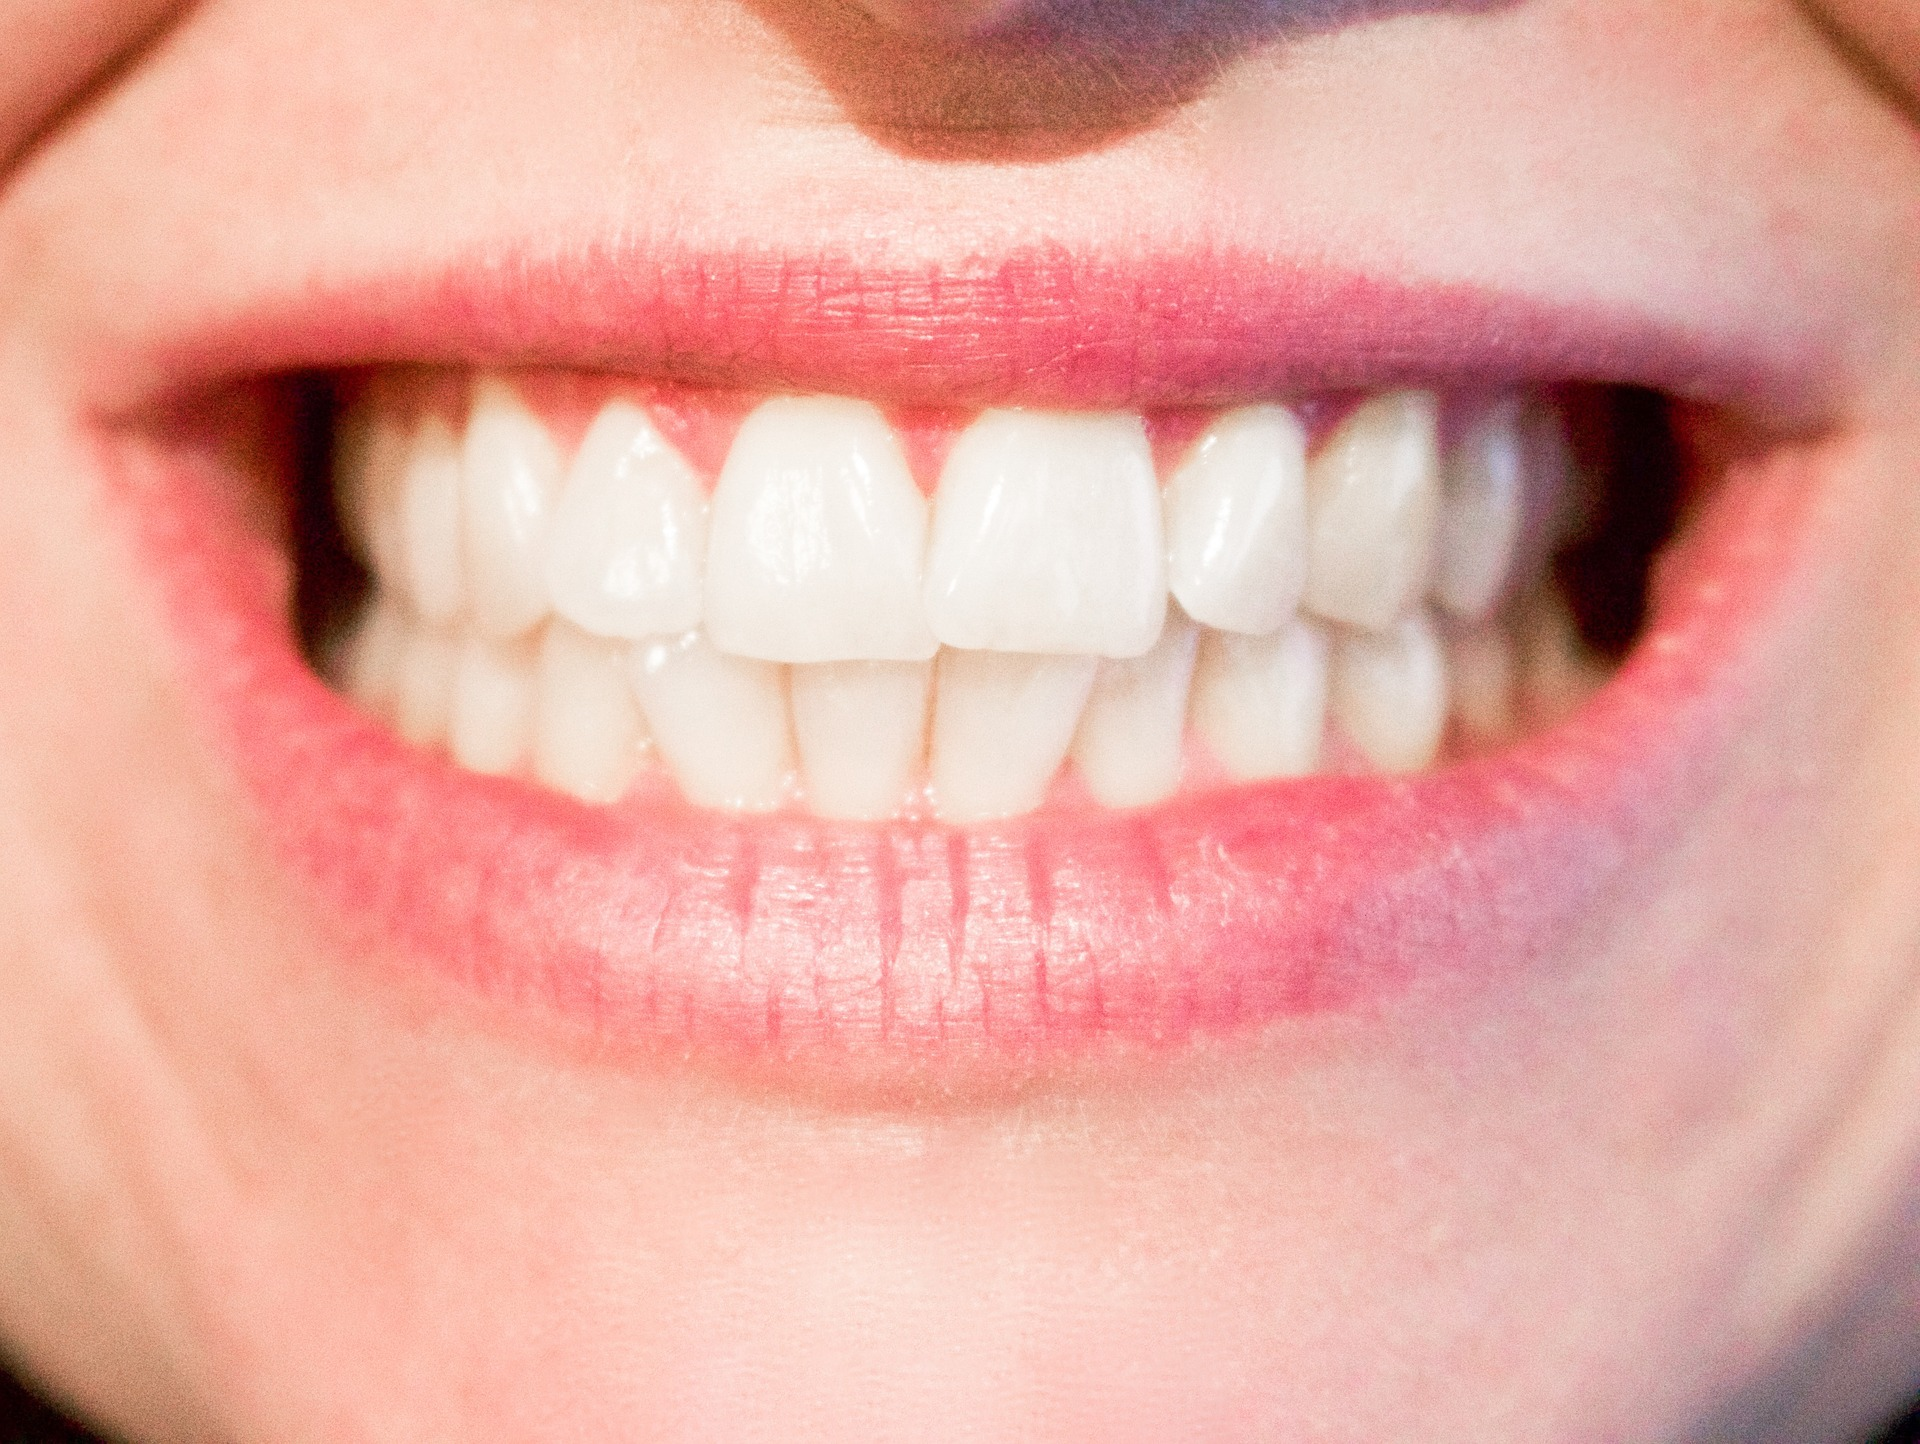 Implanty zębowe - kiedy powinieneś o nich pomyśleć?